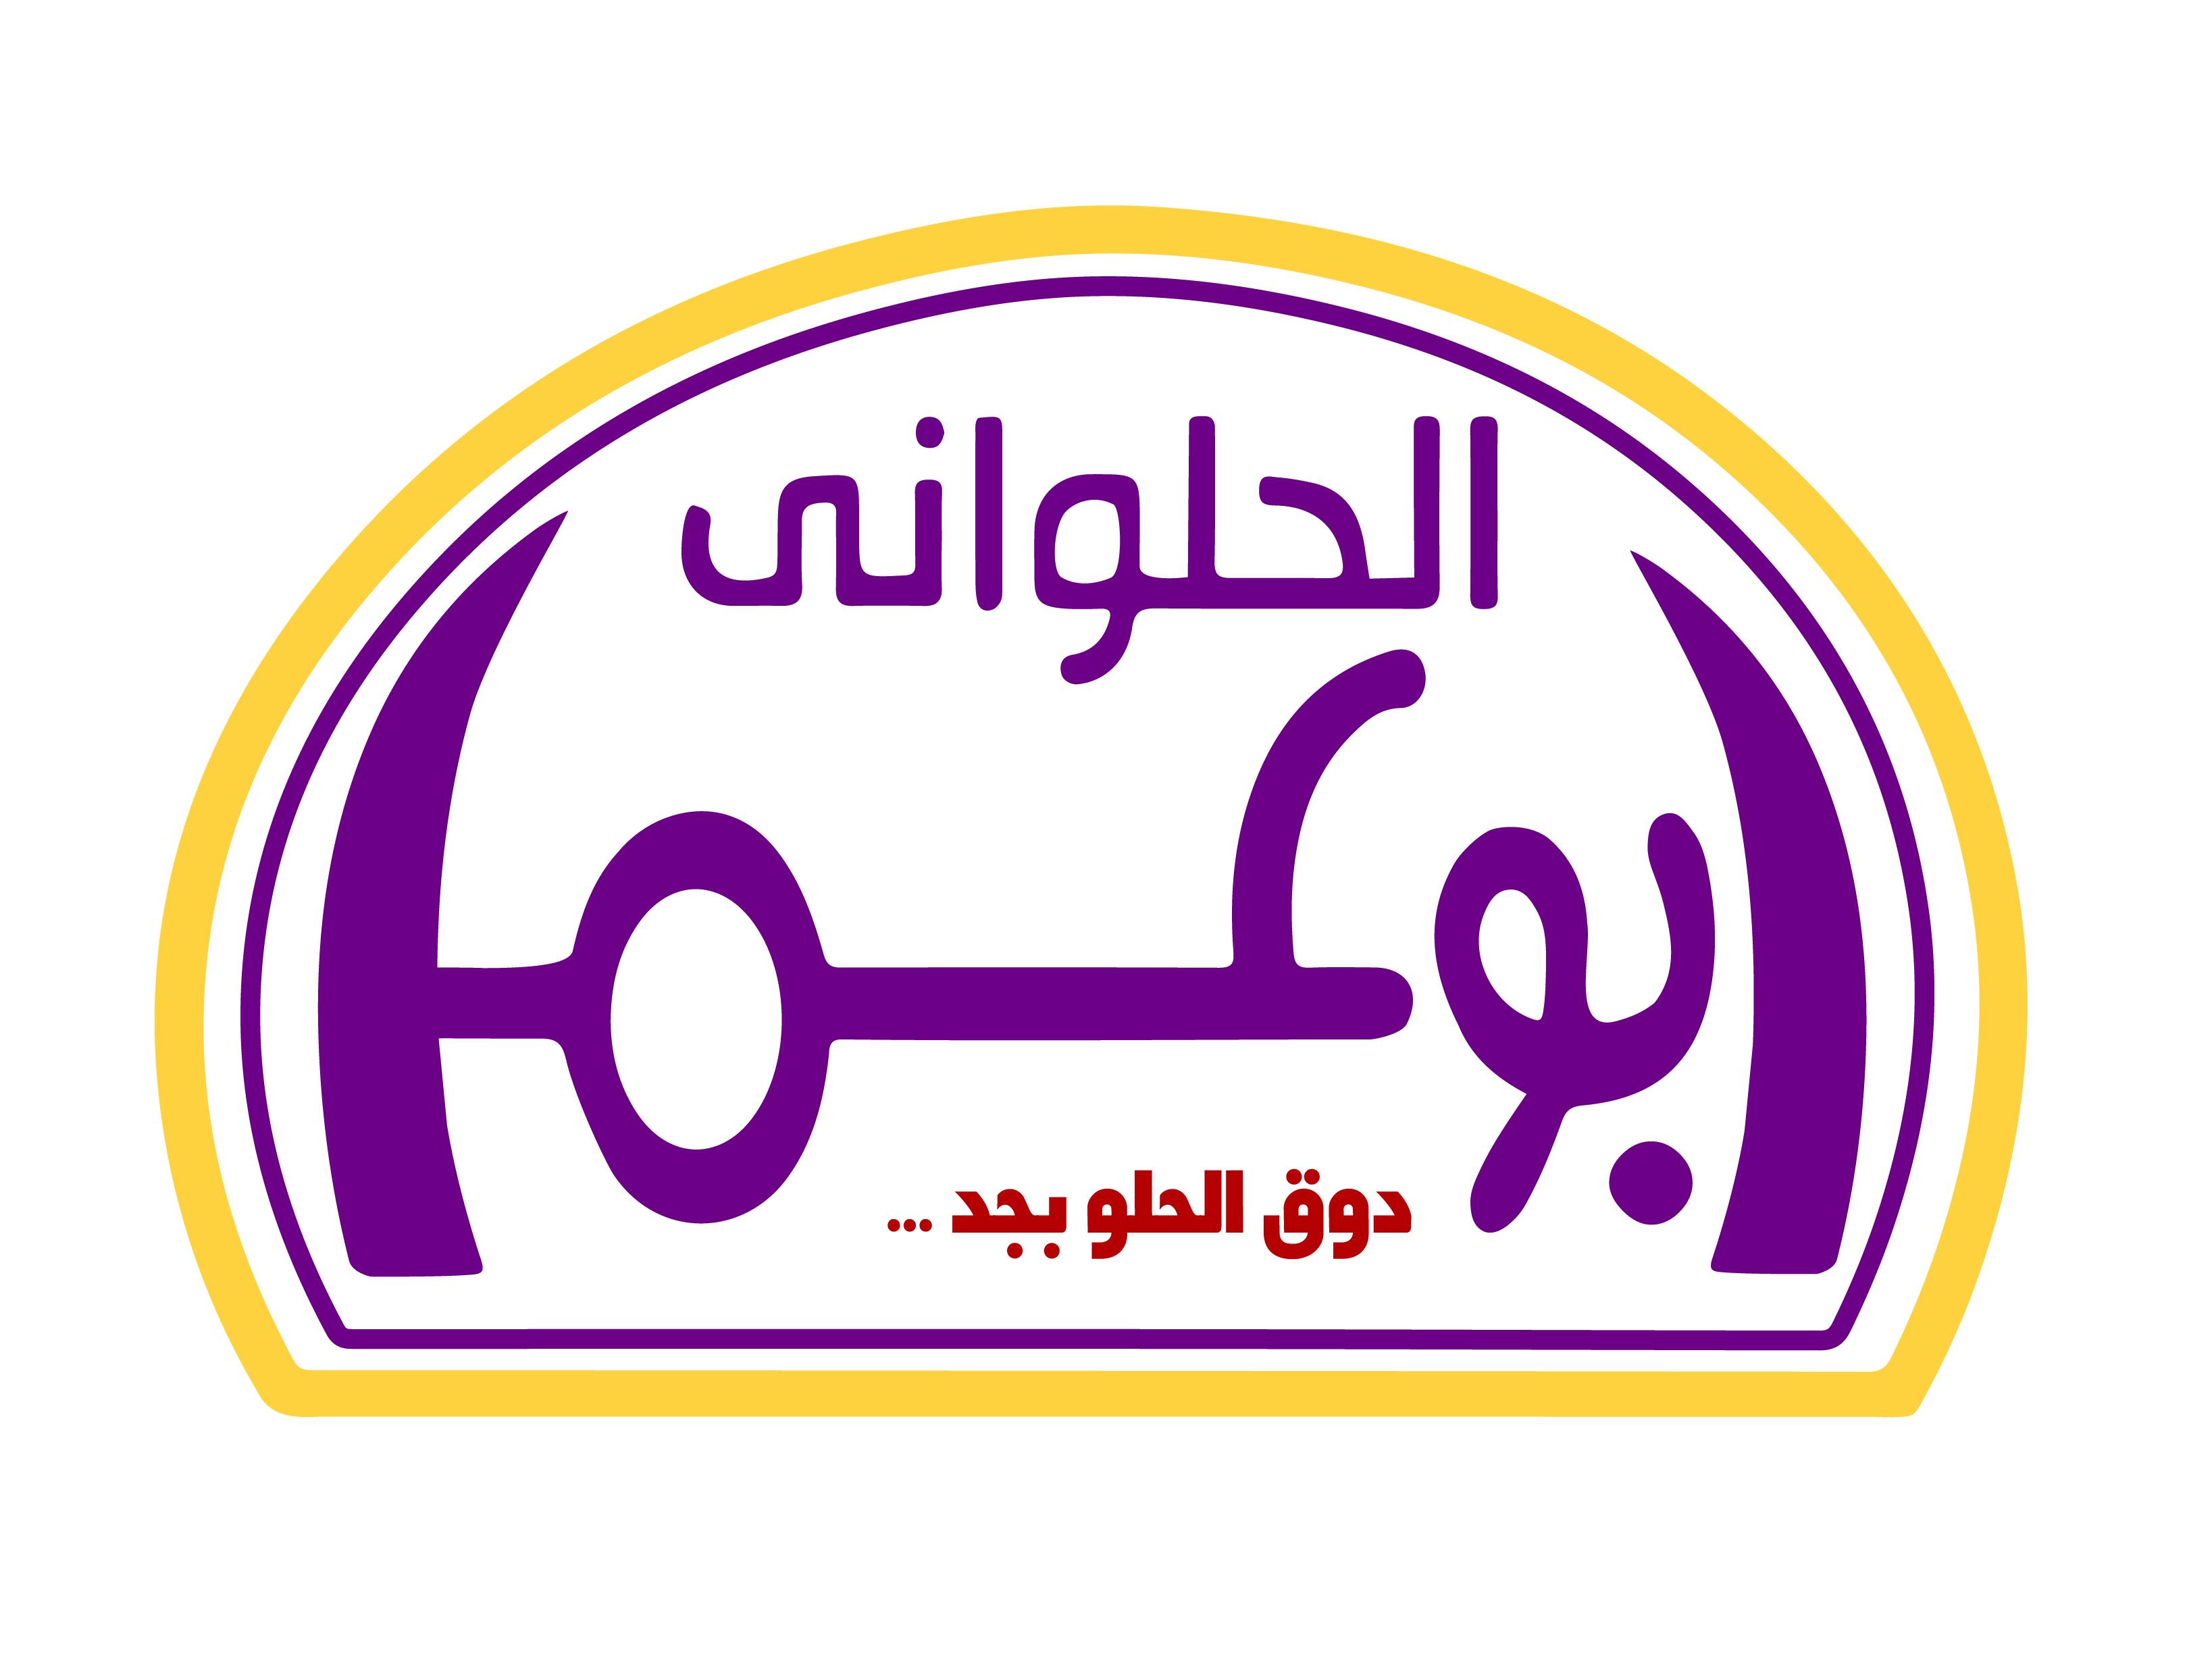 لوجو حلواني ابو عمر